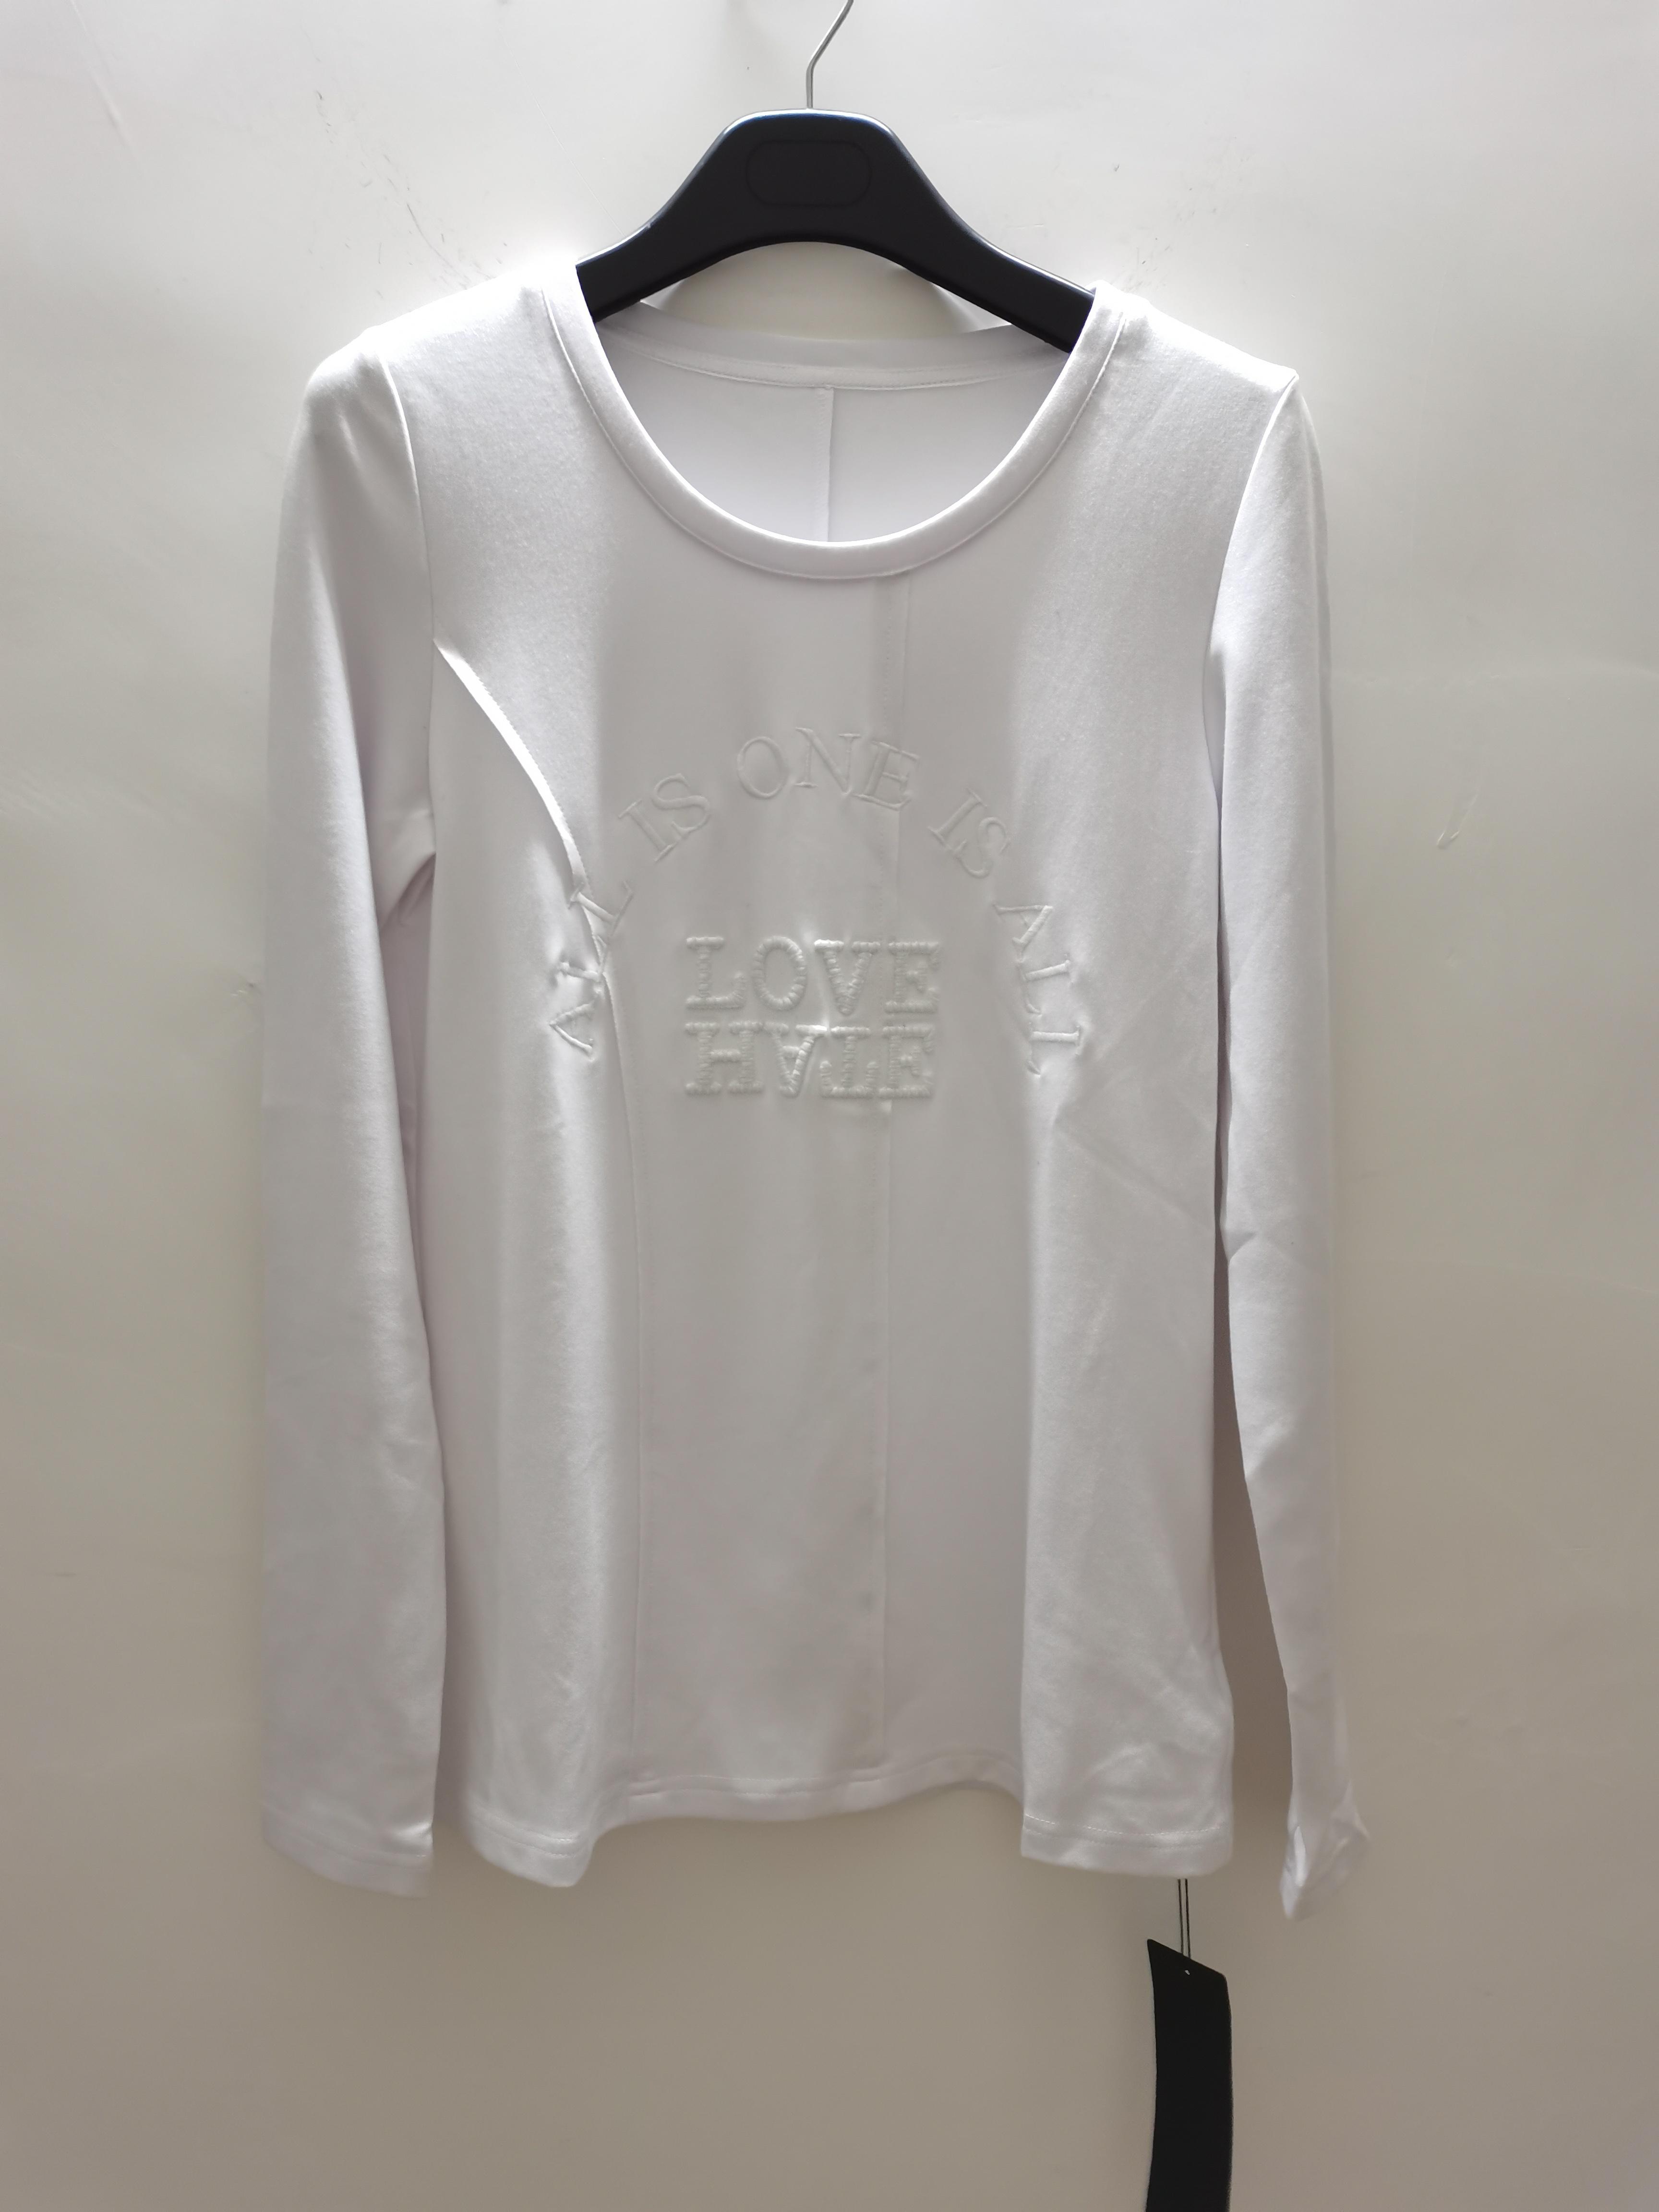 odbo国内代购基本款有领短袖女款长袖T恤针织休闲衫